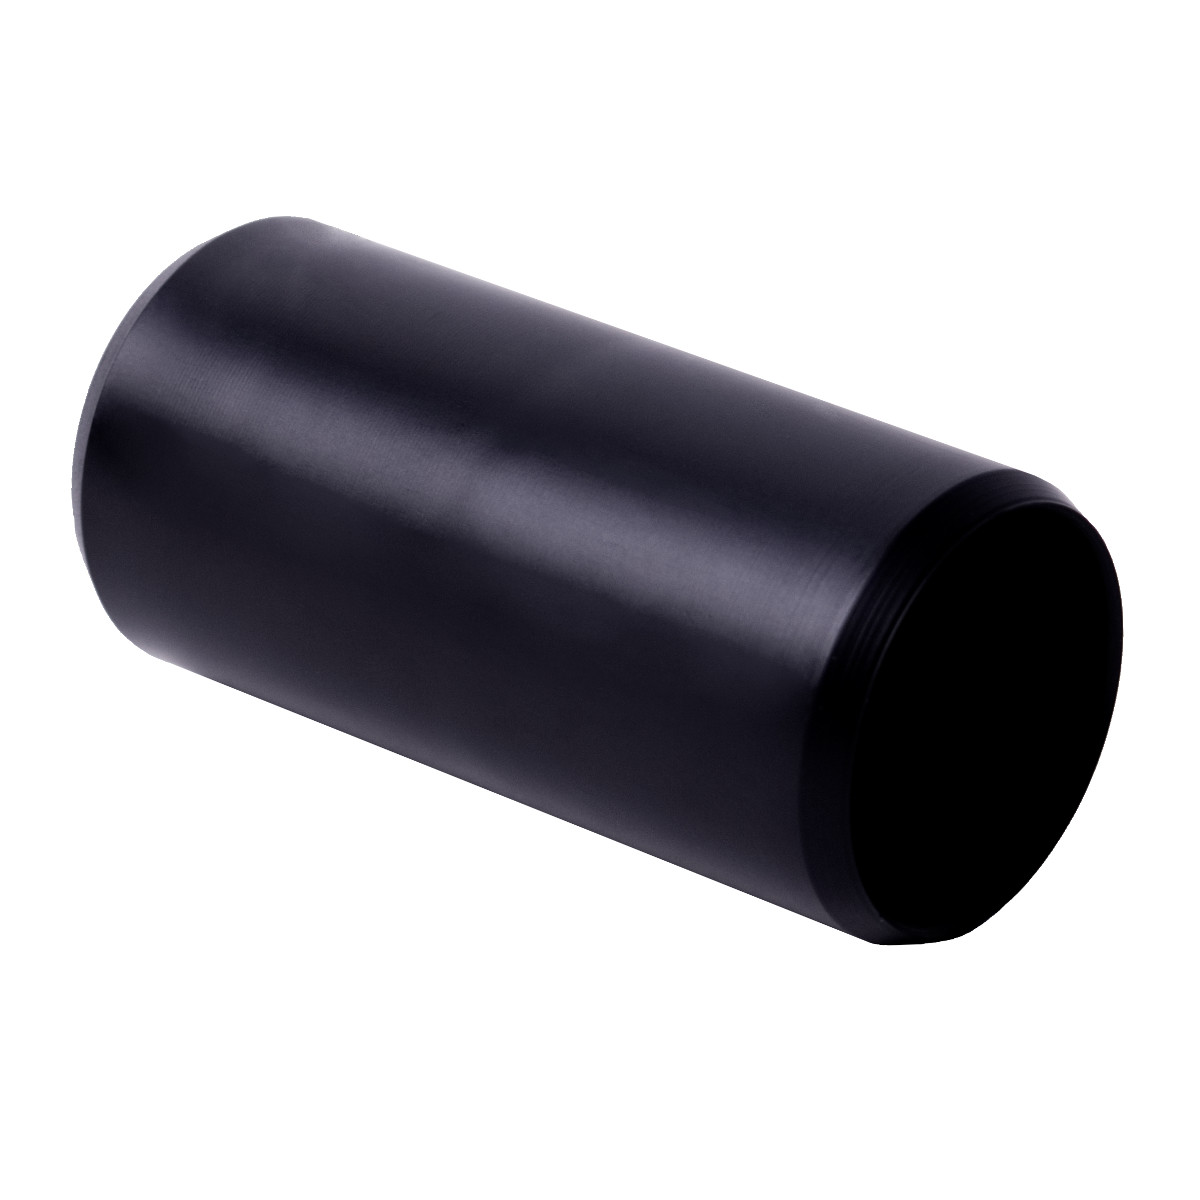 Муфта з'єднувальна для труби 63 мм ; Ø63 мм; УФ-стійкі; полікарбонат; безгалогенна; t застосування -45-90 °с; чорна; Упаковка 2 шт